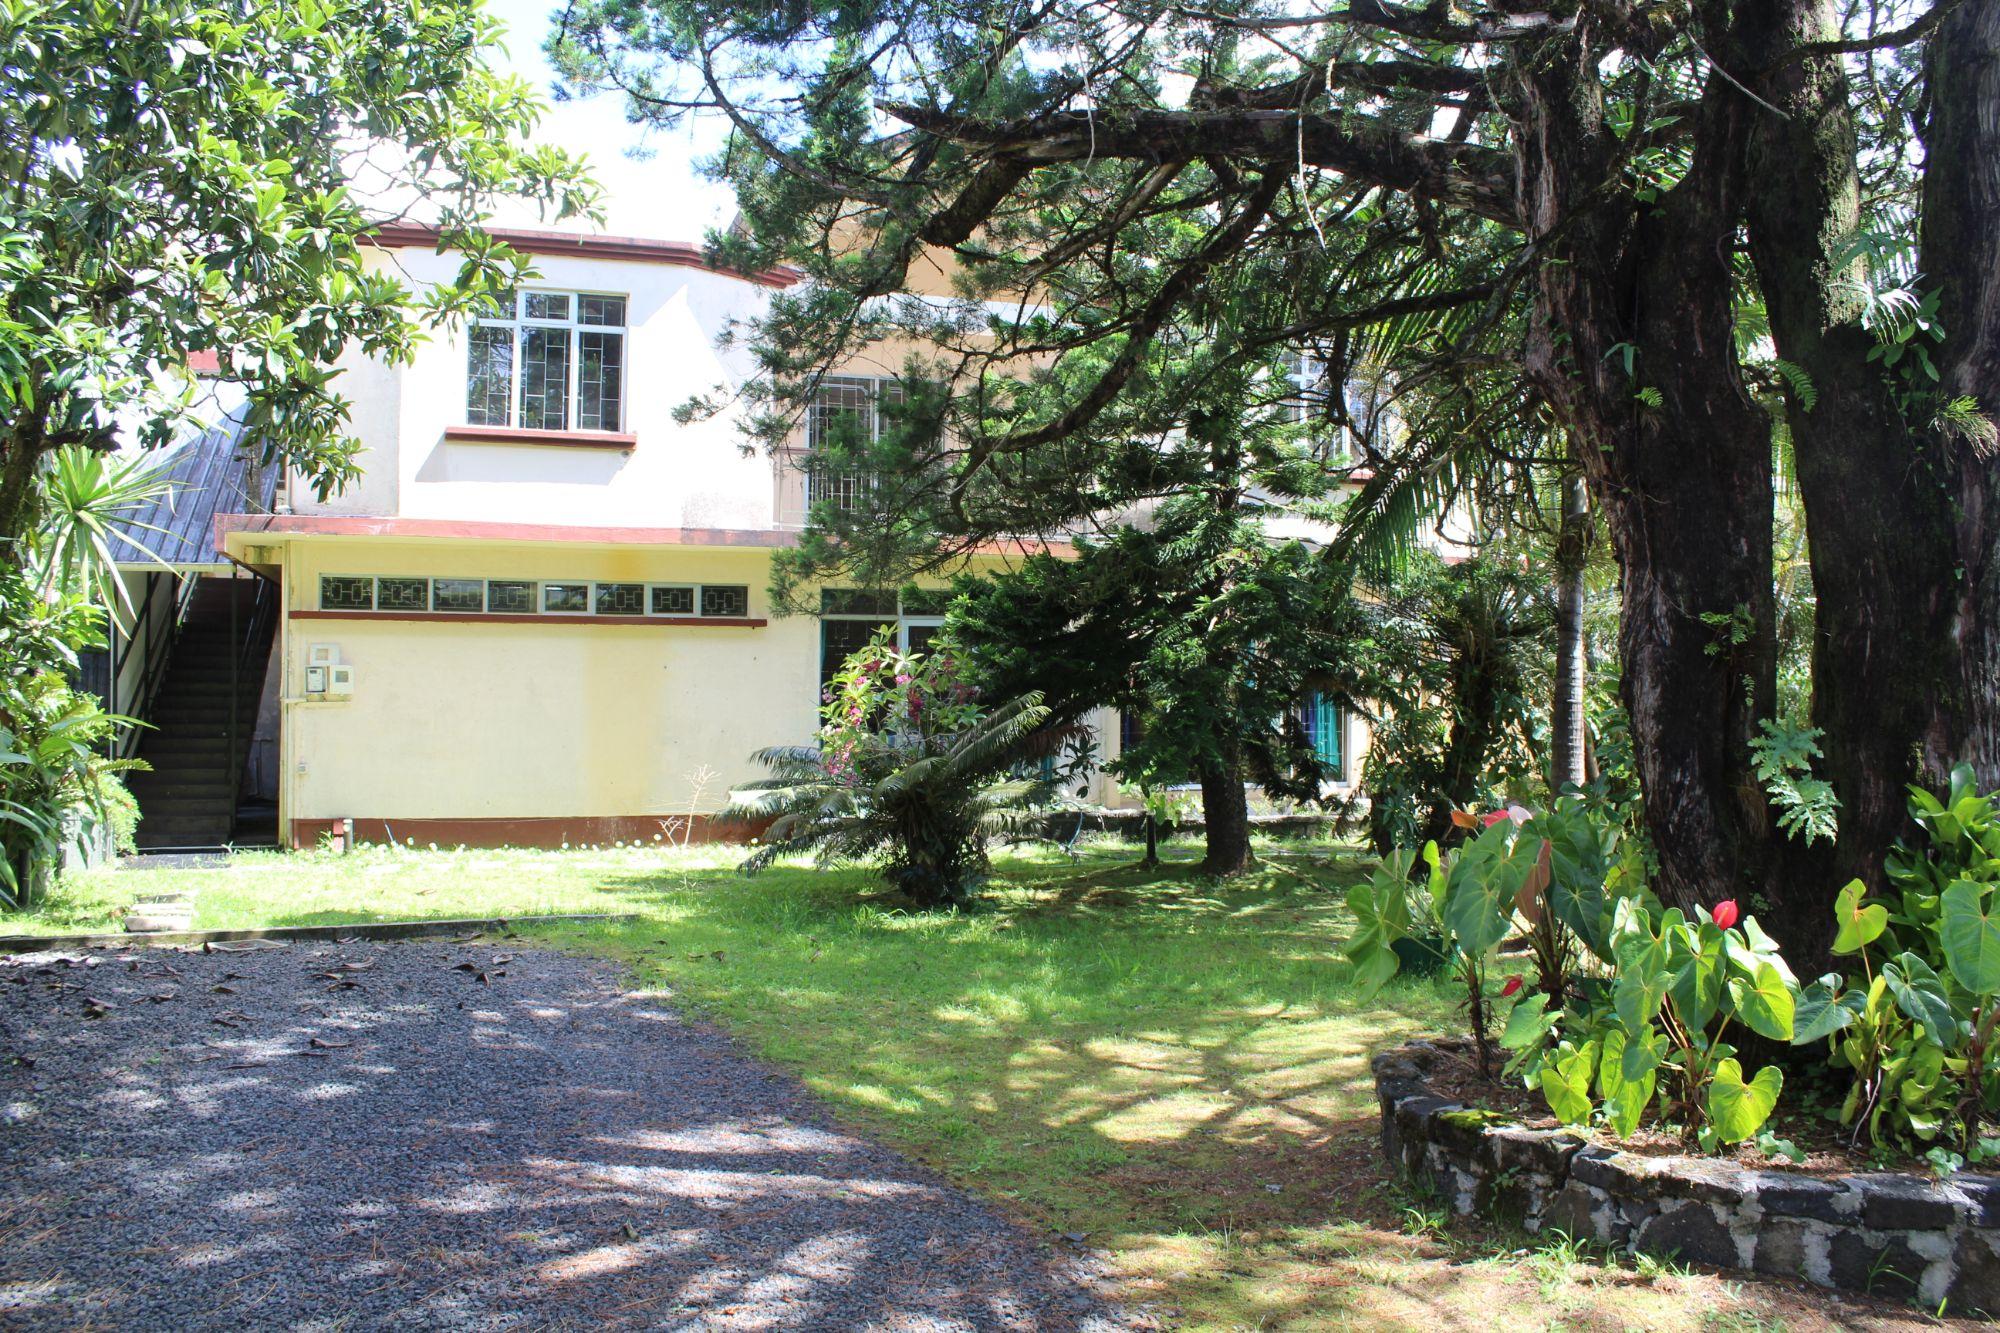 Espace bureau non-meublé au RDC de 139 m2 situé proche de toutes commodités à Curepipe